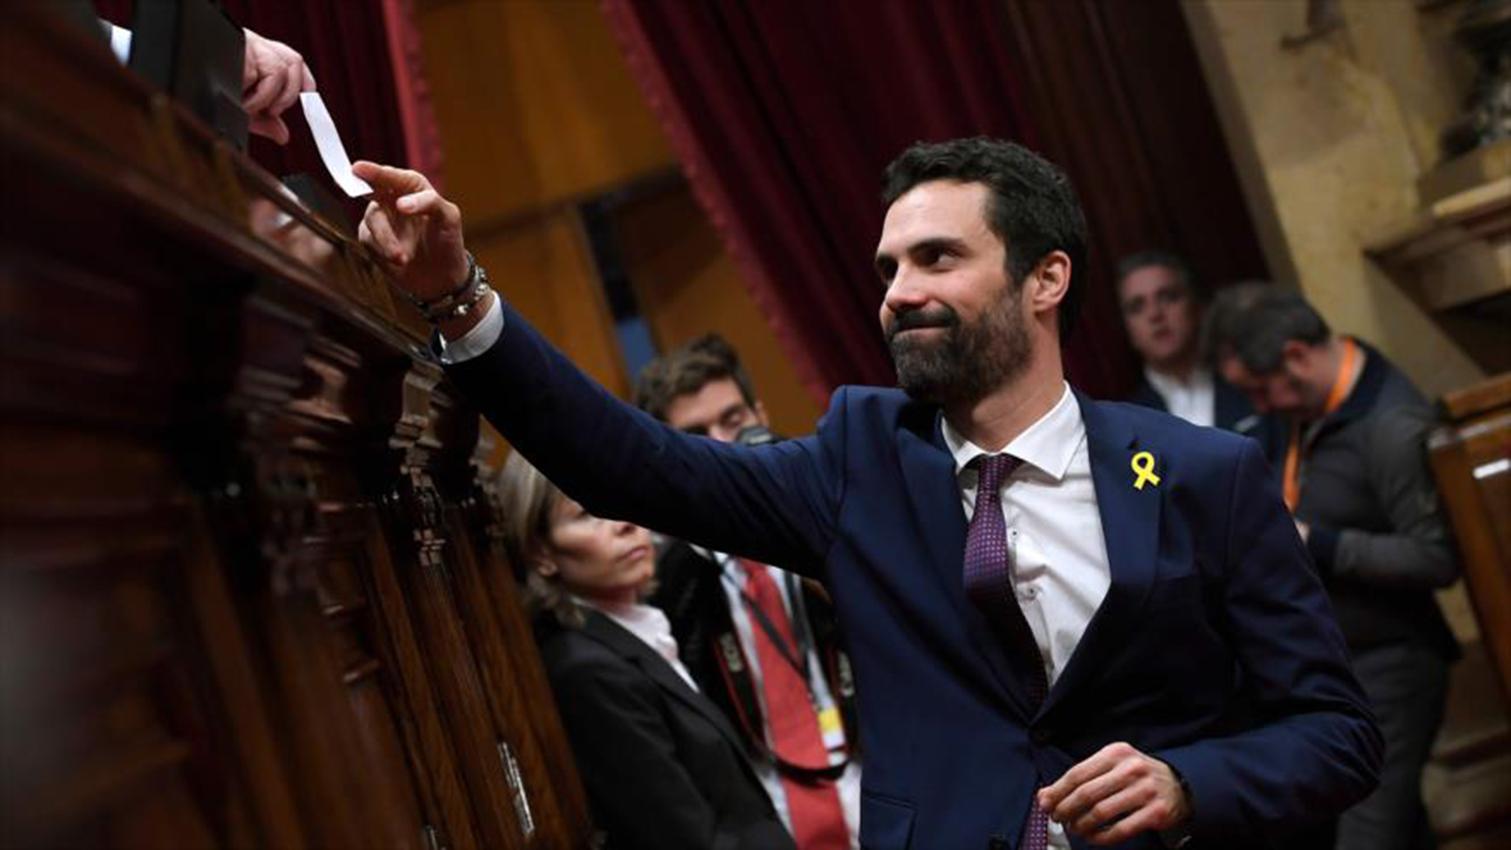 El presidente del parlamento catalán visita a los independentistas presos